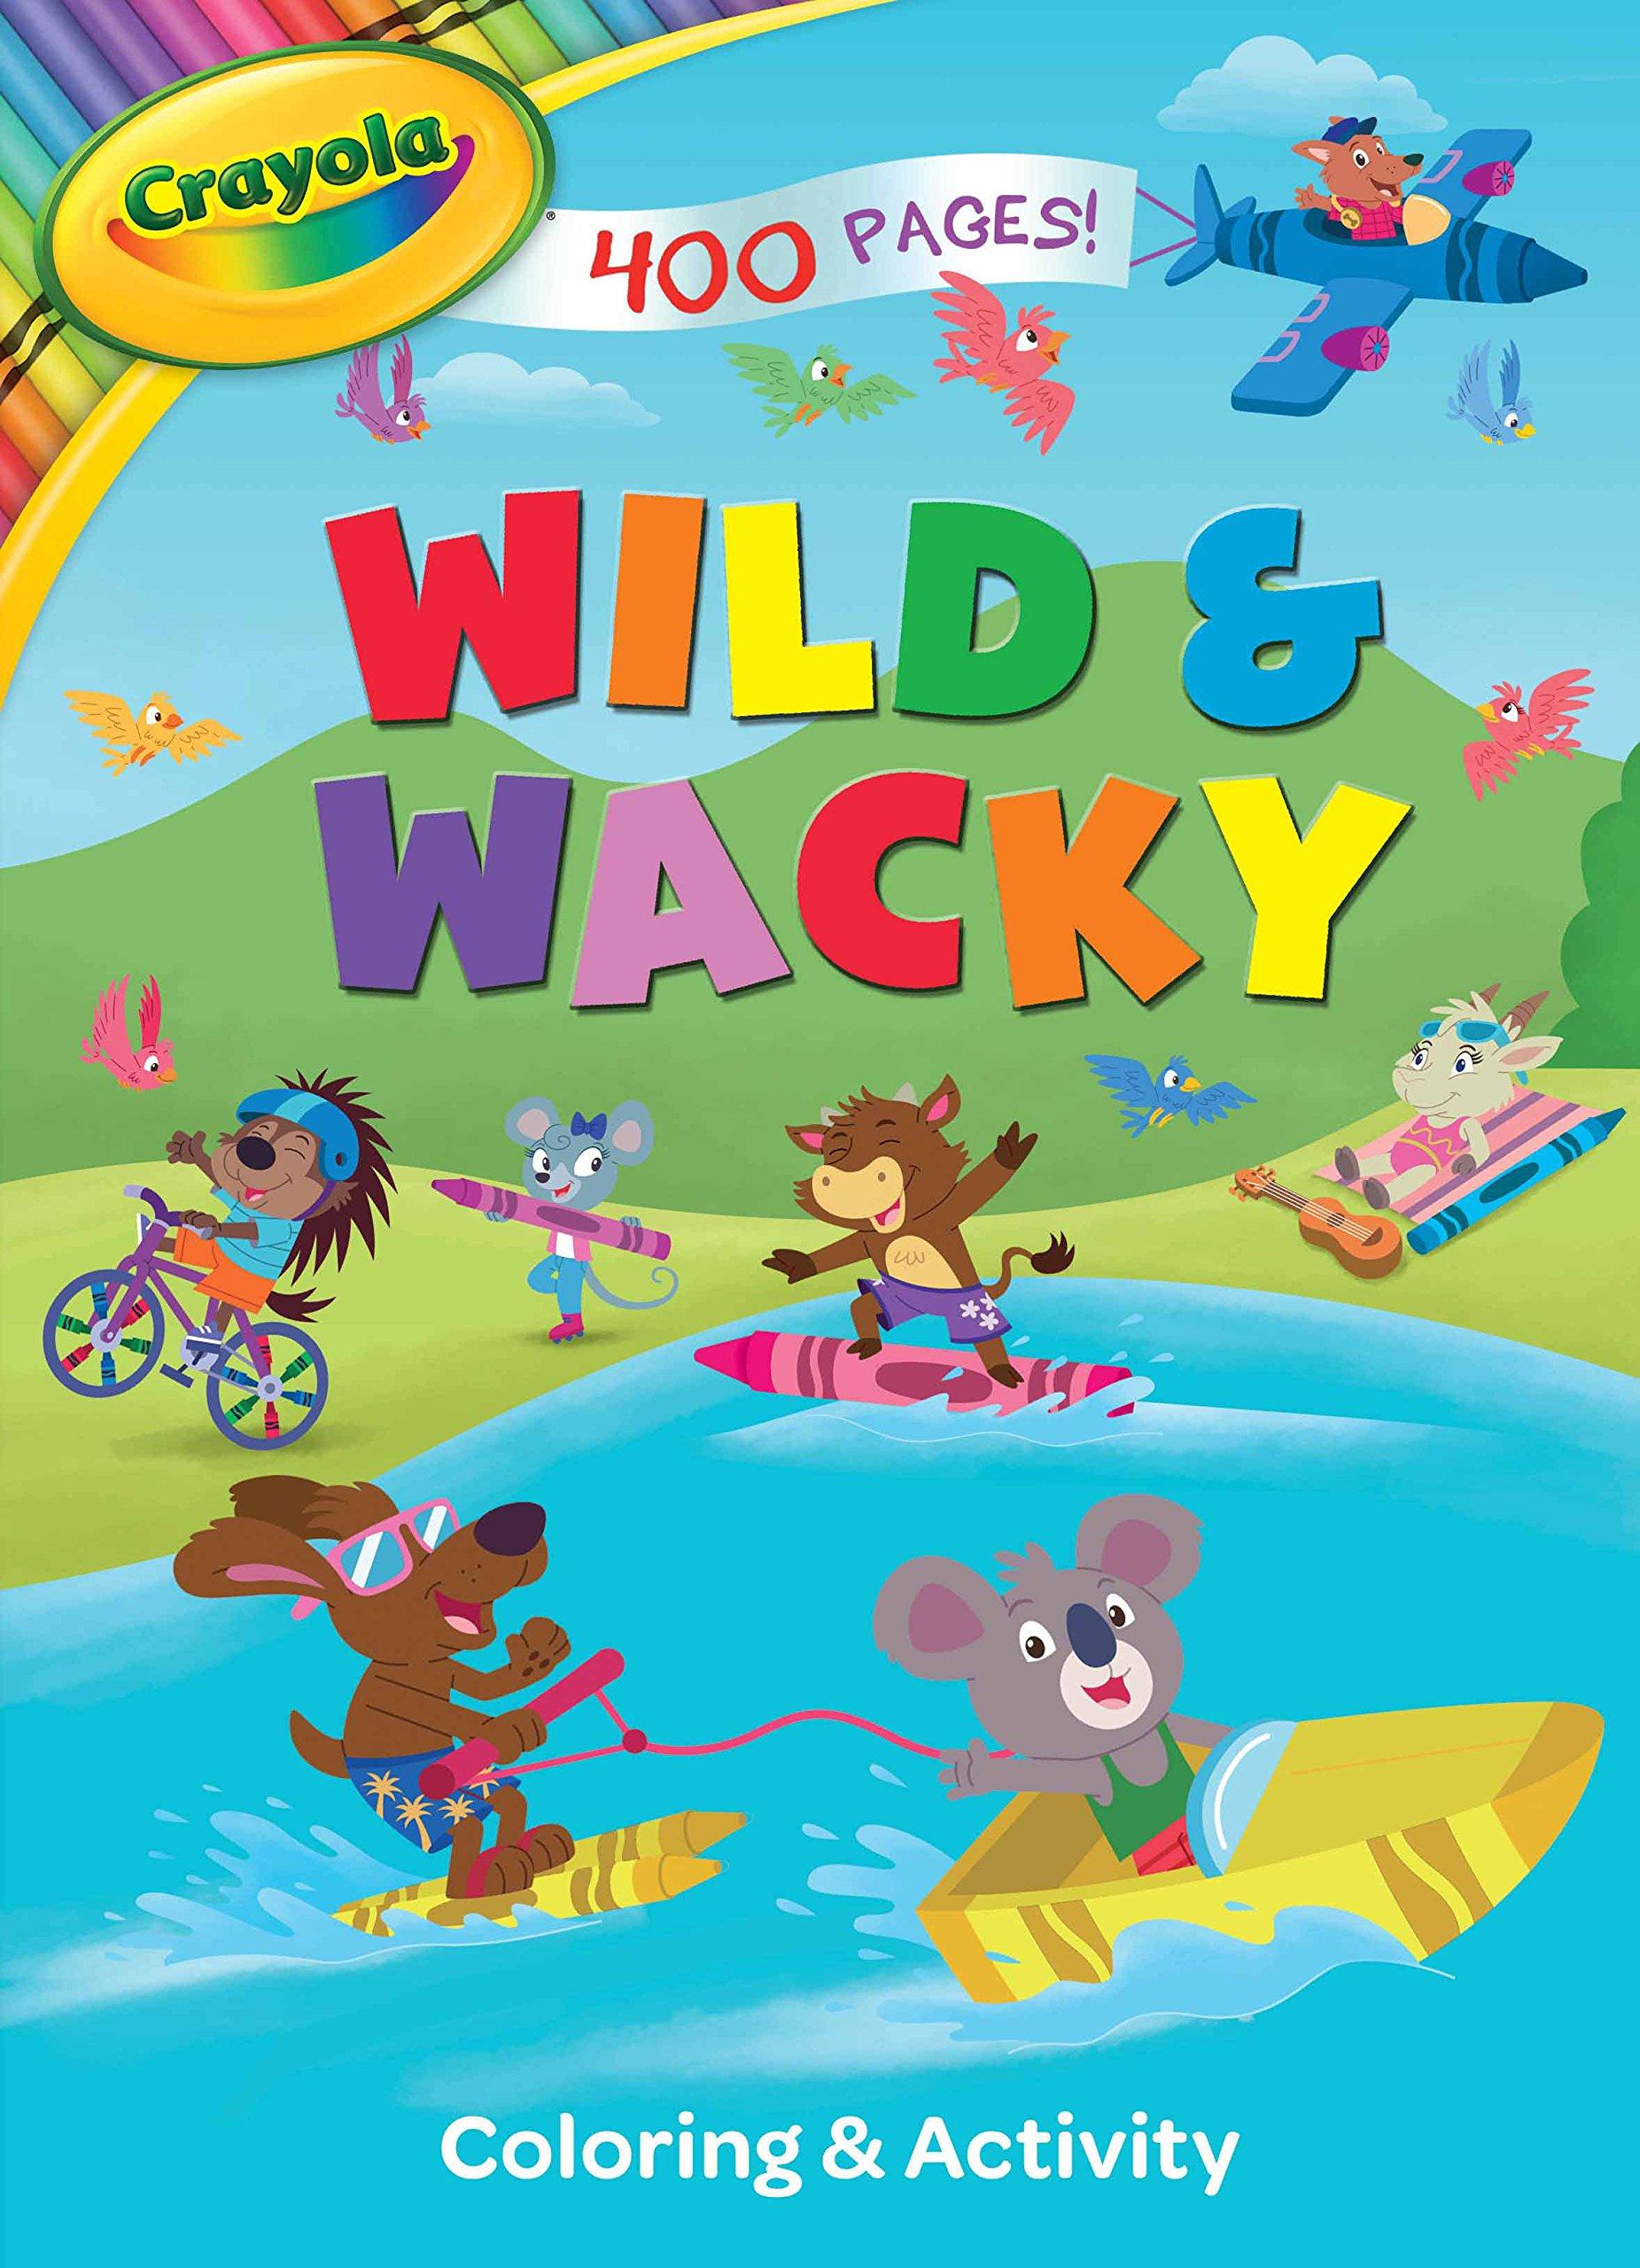 Crayola Wild & Wacky Coloring & Activity pdf